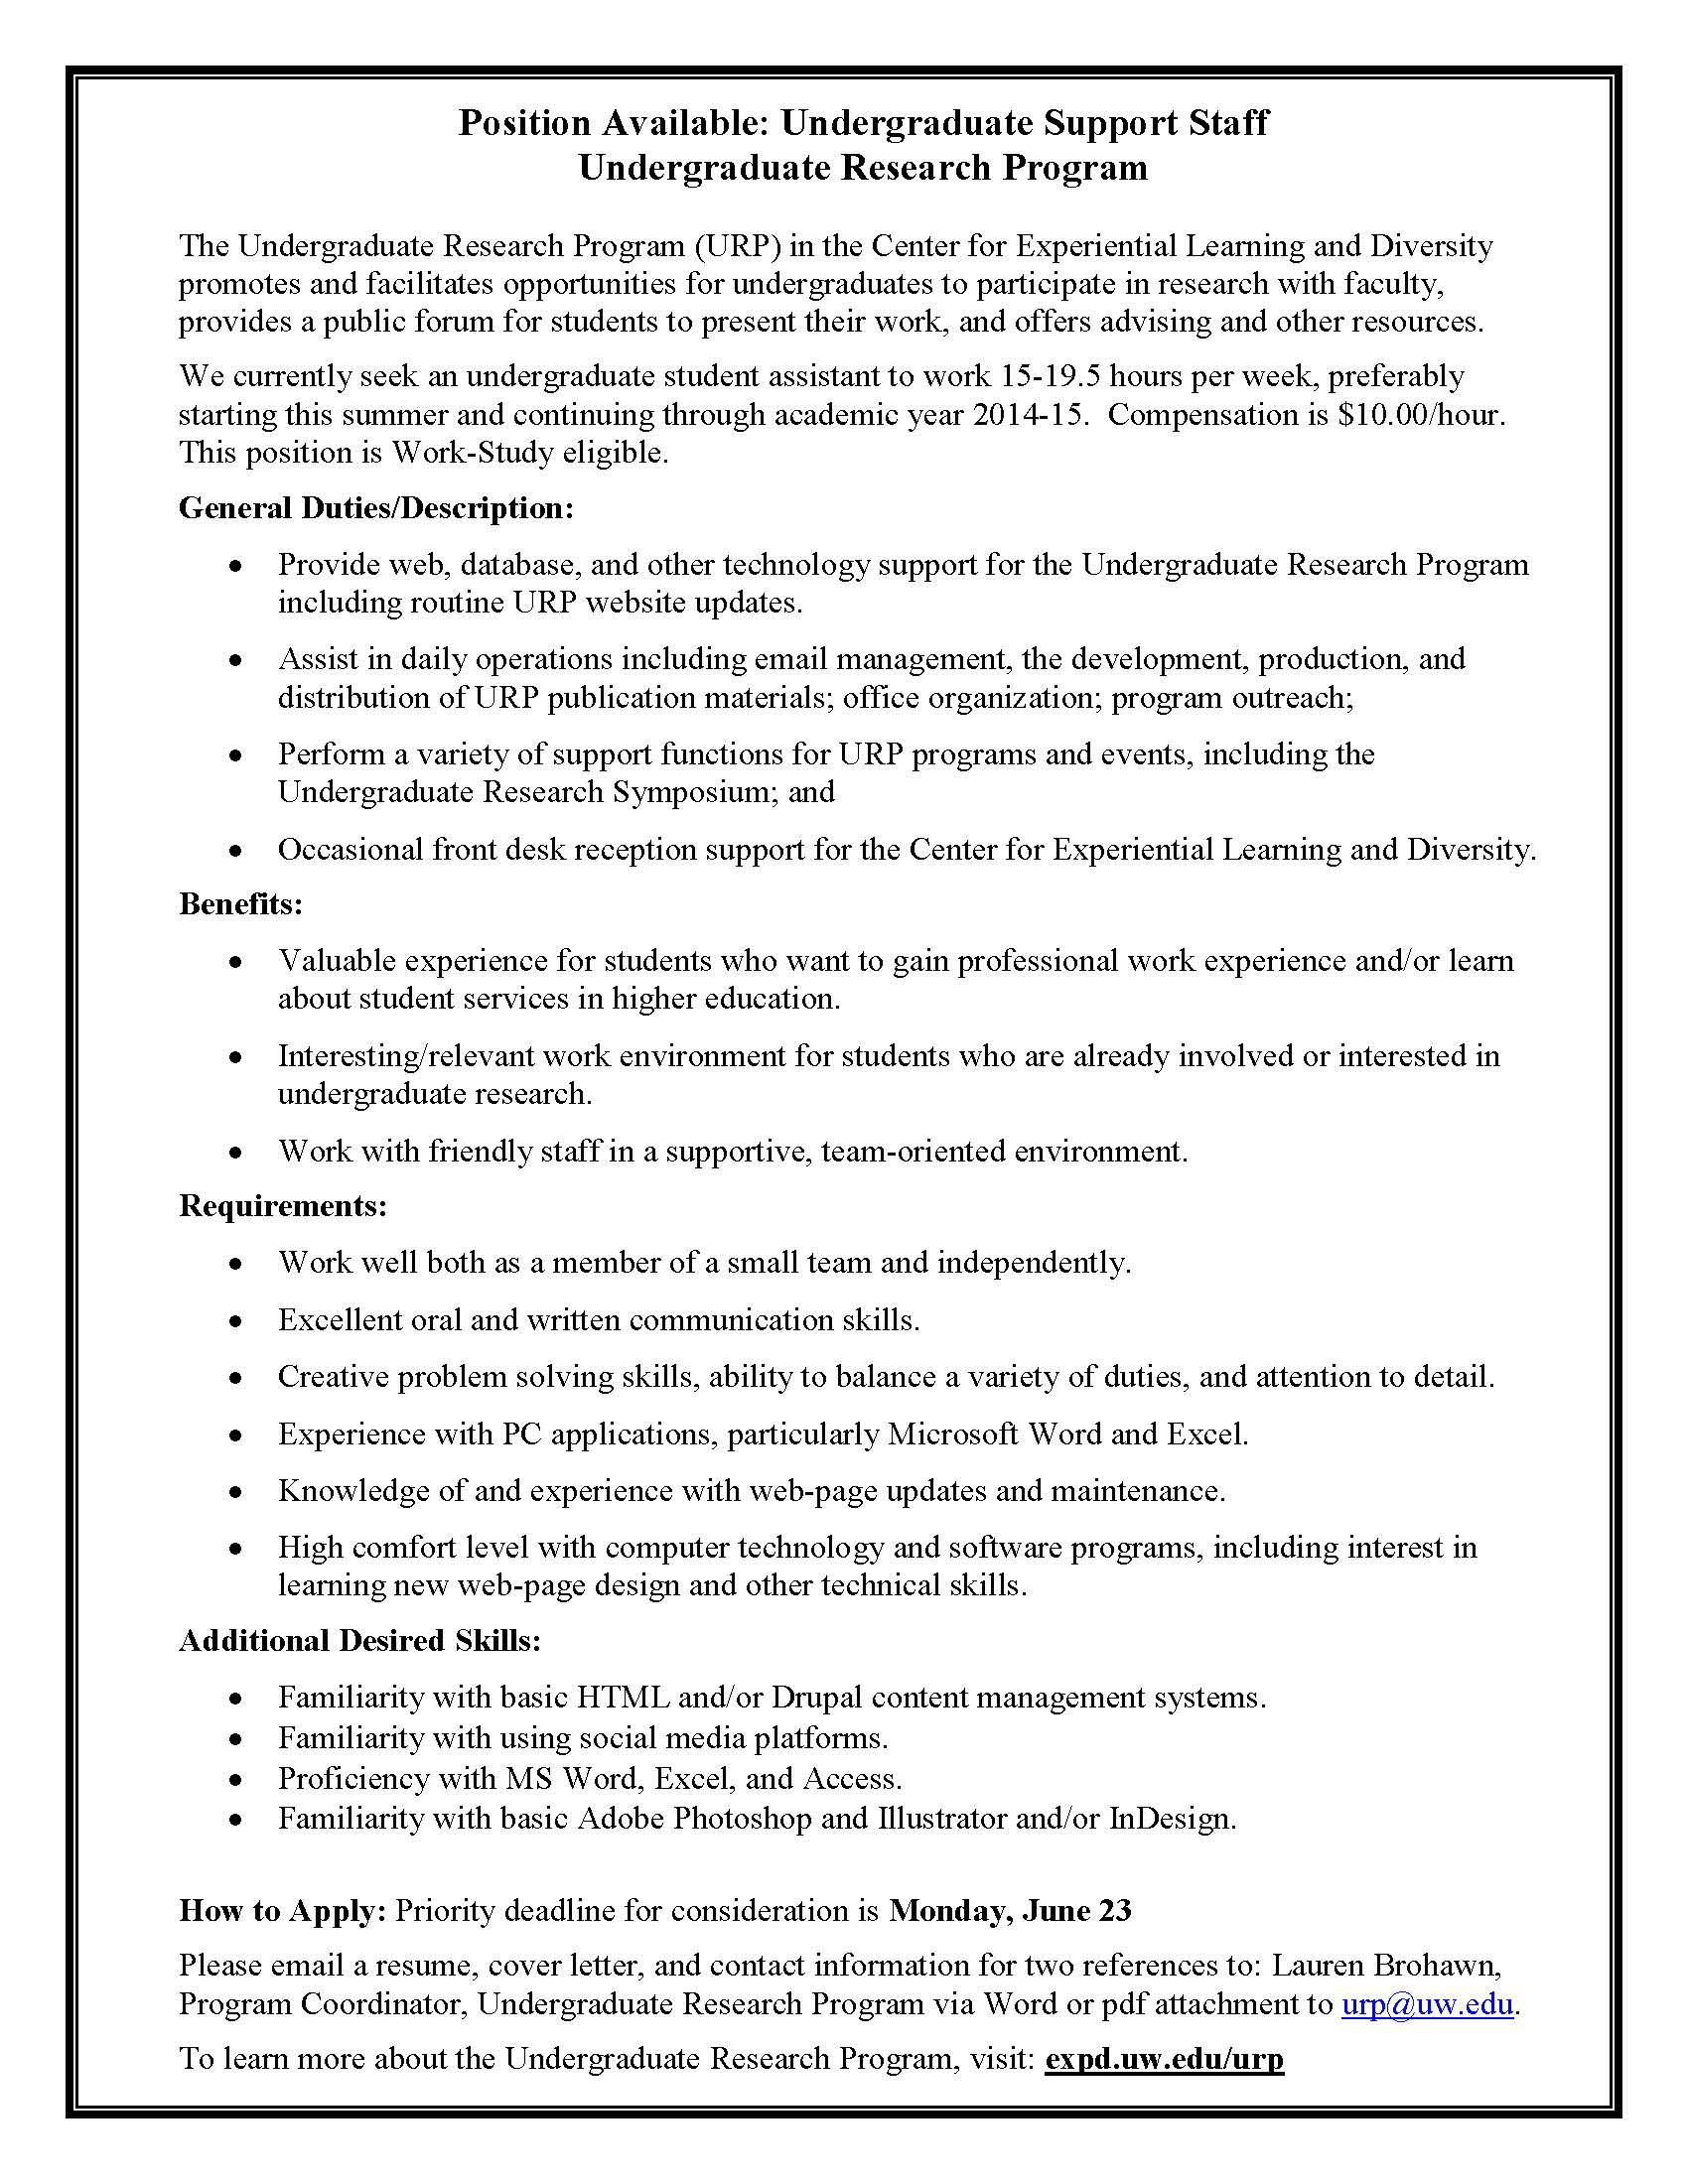 Sample Resume For Google